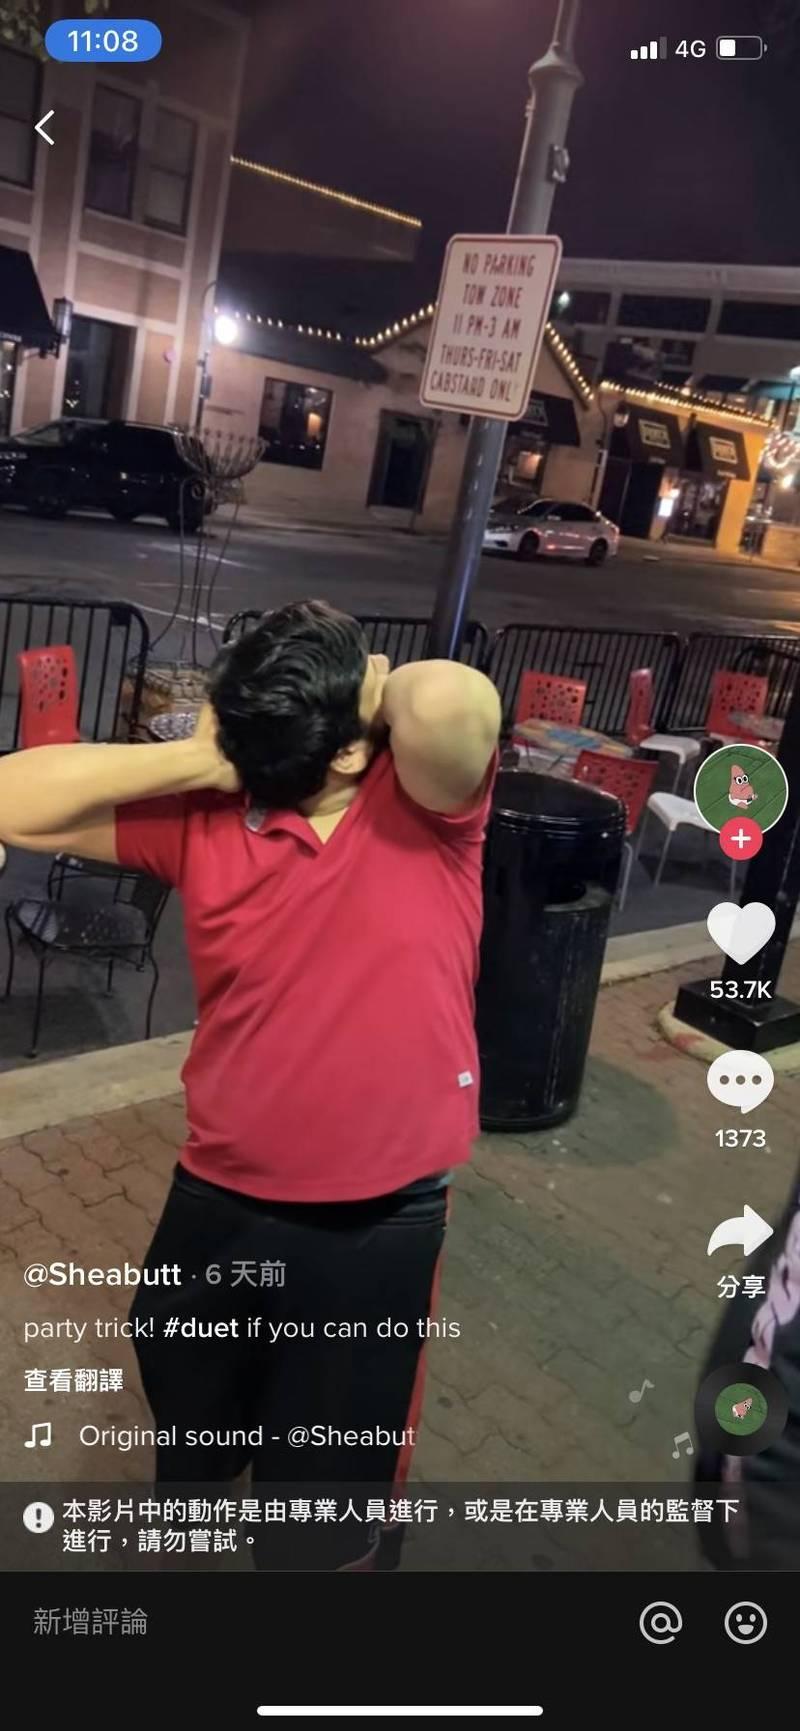 影片中男子竟將自己的頭扭轉了「180度」,這段影片嚇壞不少網友,就有網友表示這根本是「貓頭鷹人」。(圖取自TikTok/Sheabutt)